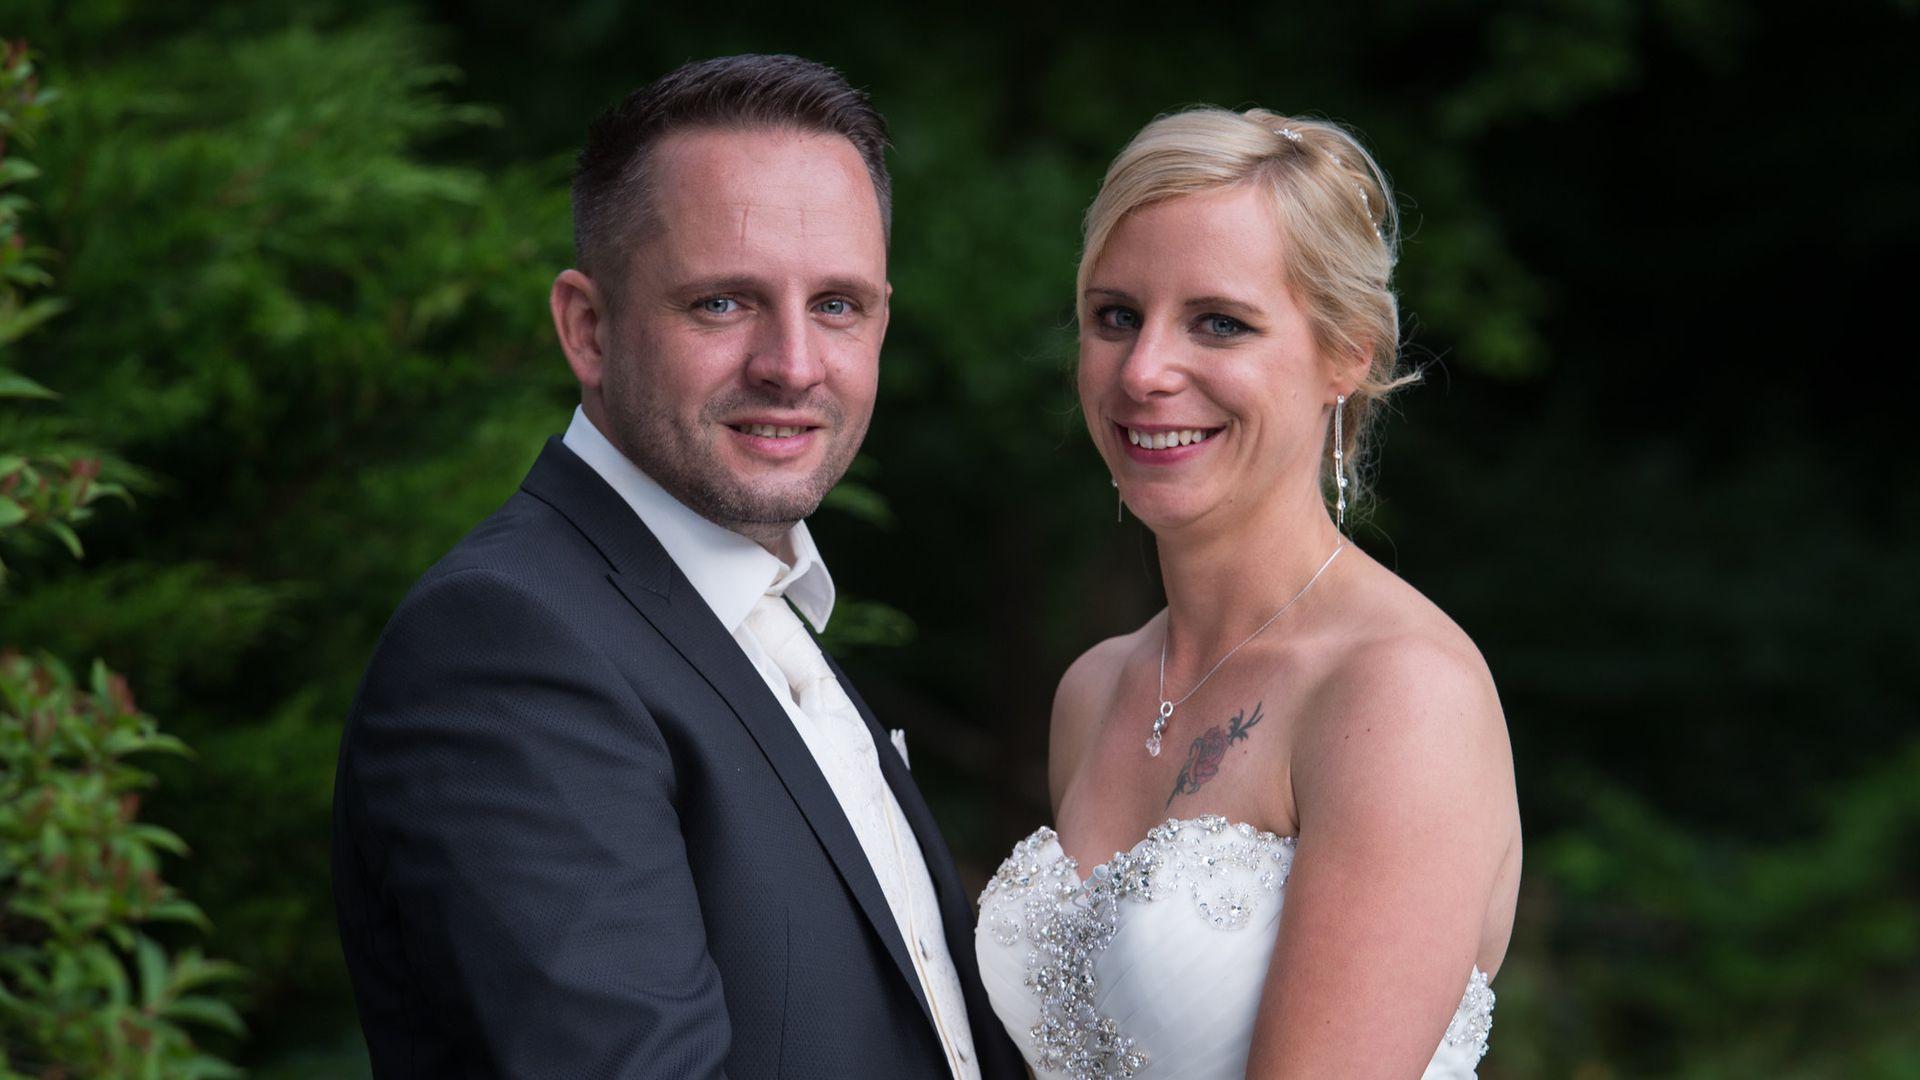 Hochzeit Auf Den Ersten Blick Fake  Hochzeit Auf Den Ersten Blick Vanessa